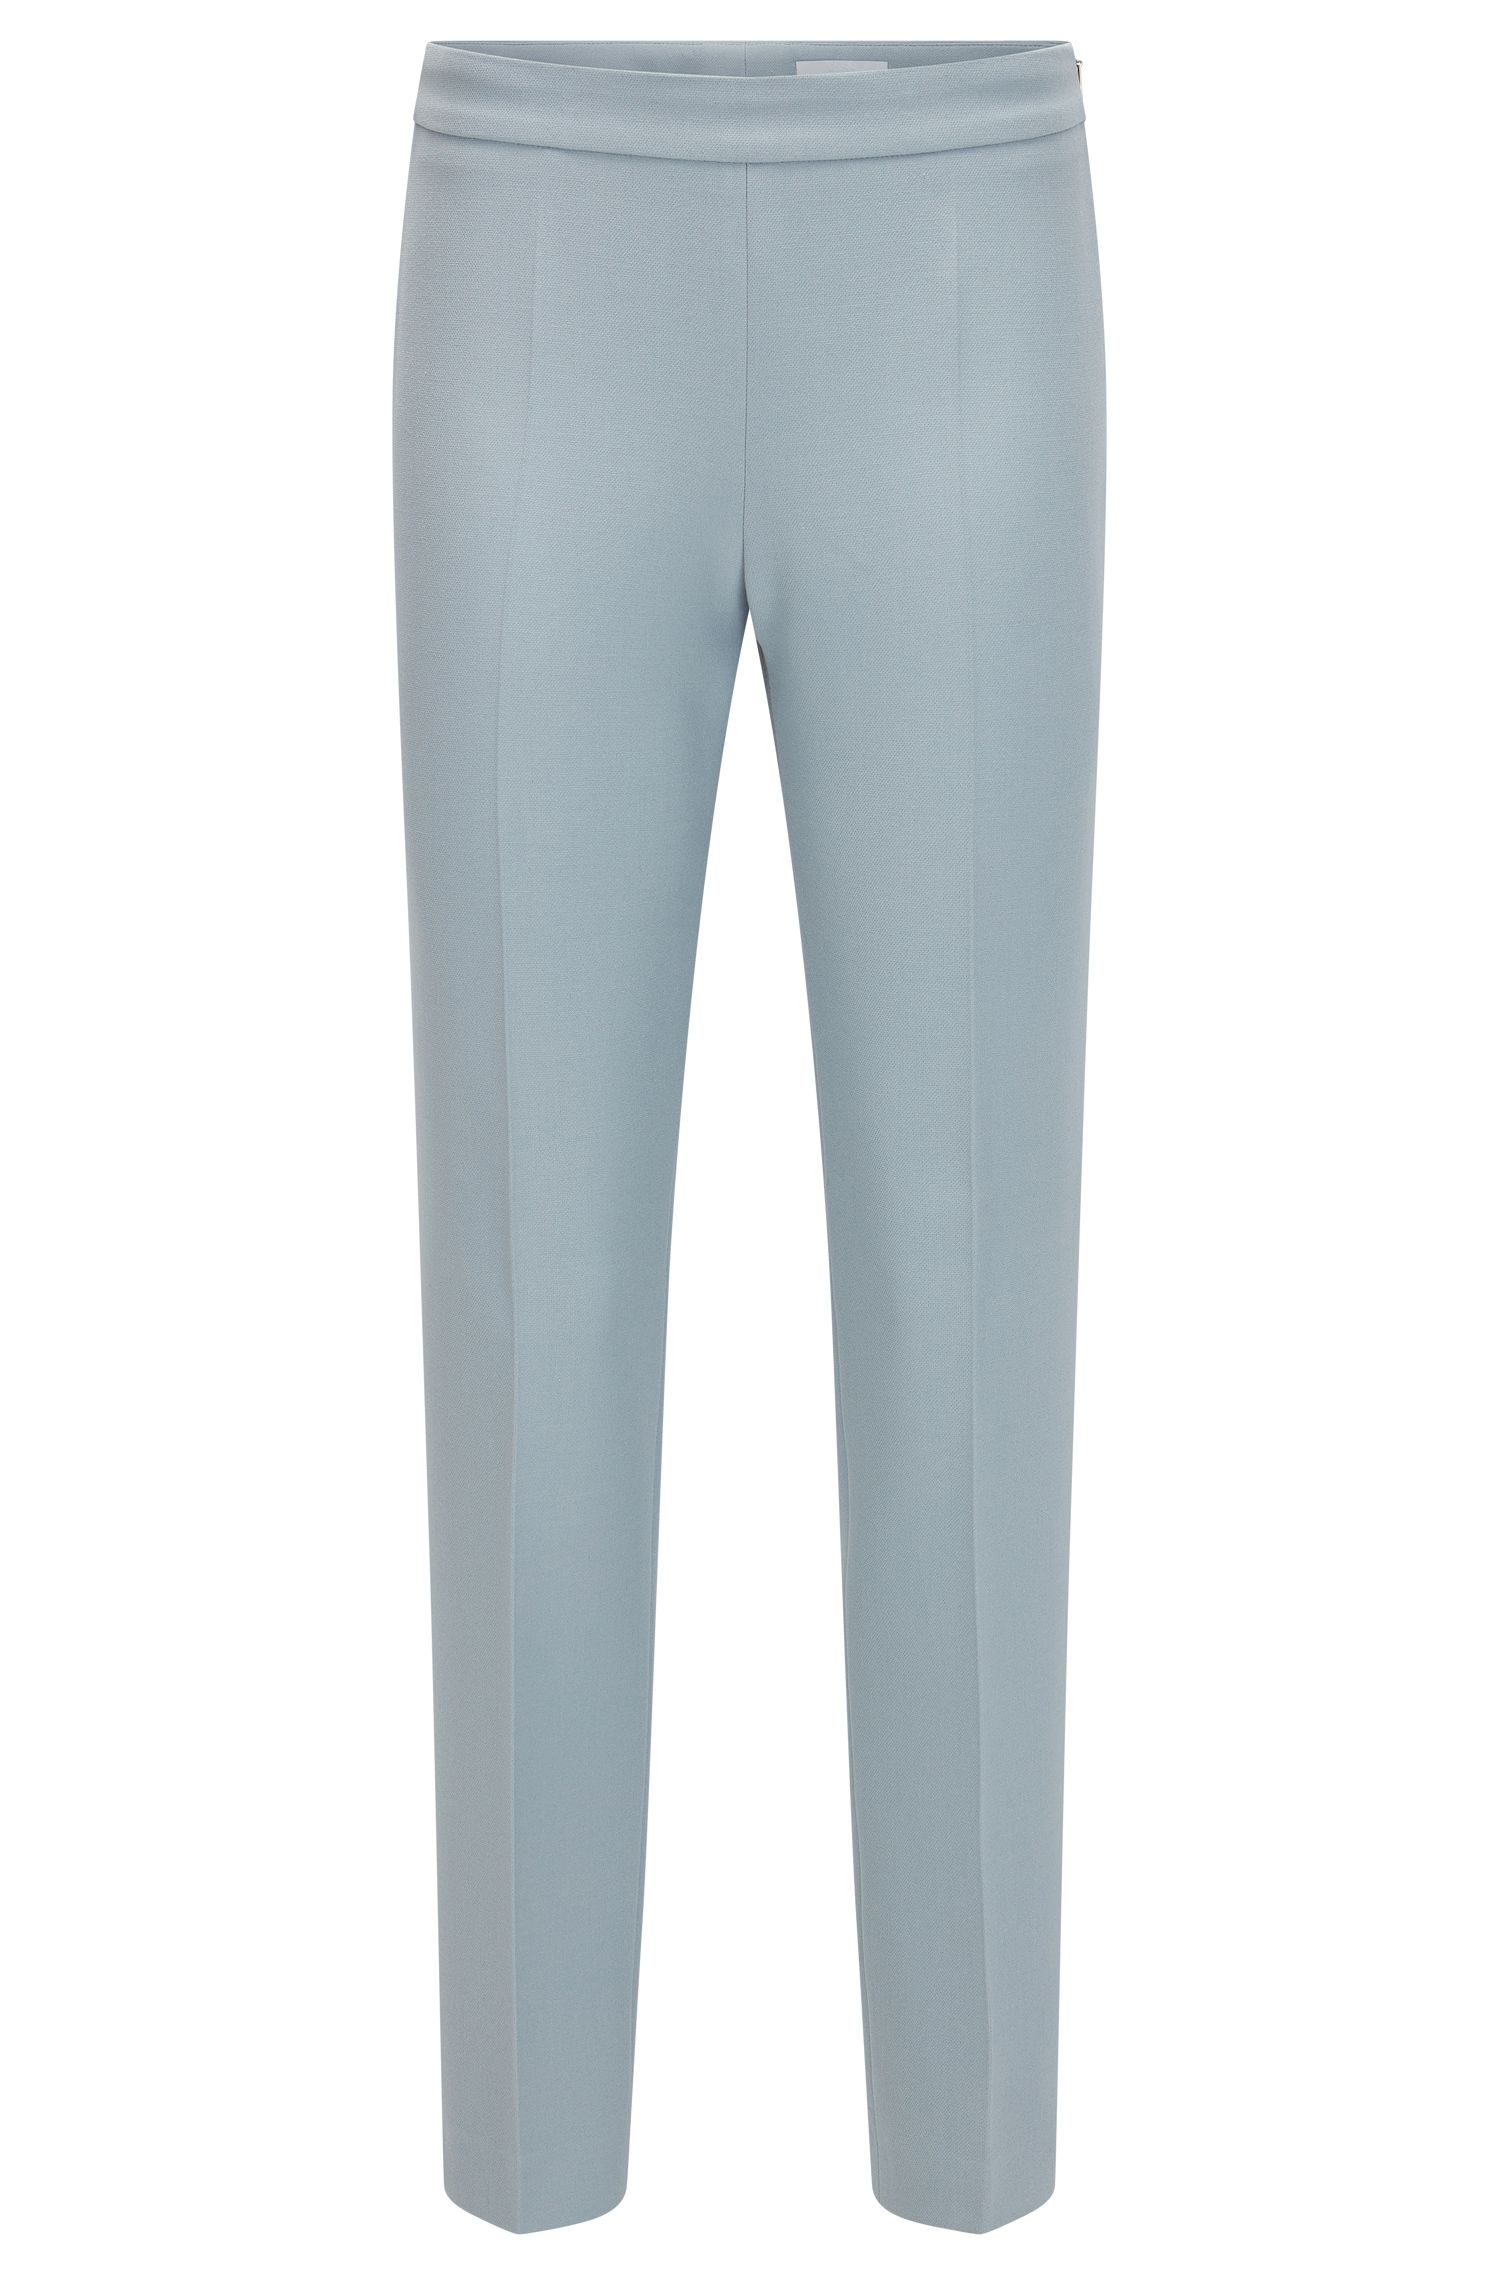 Stretch Cotton Crepe Dress Pant | Tiluna Side Zip